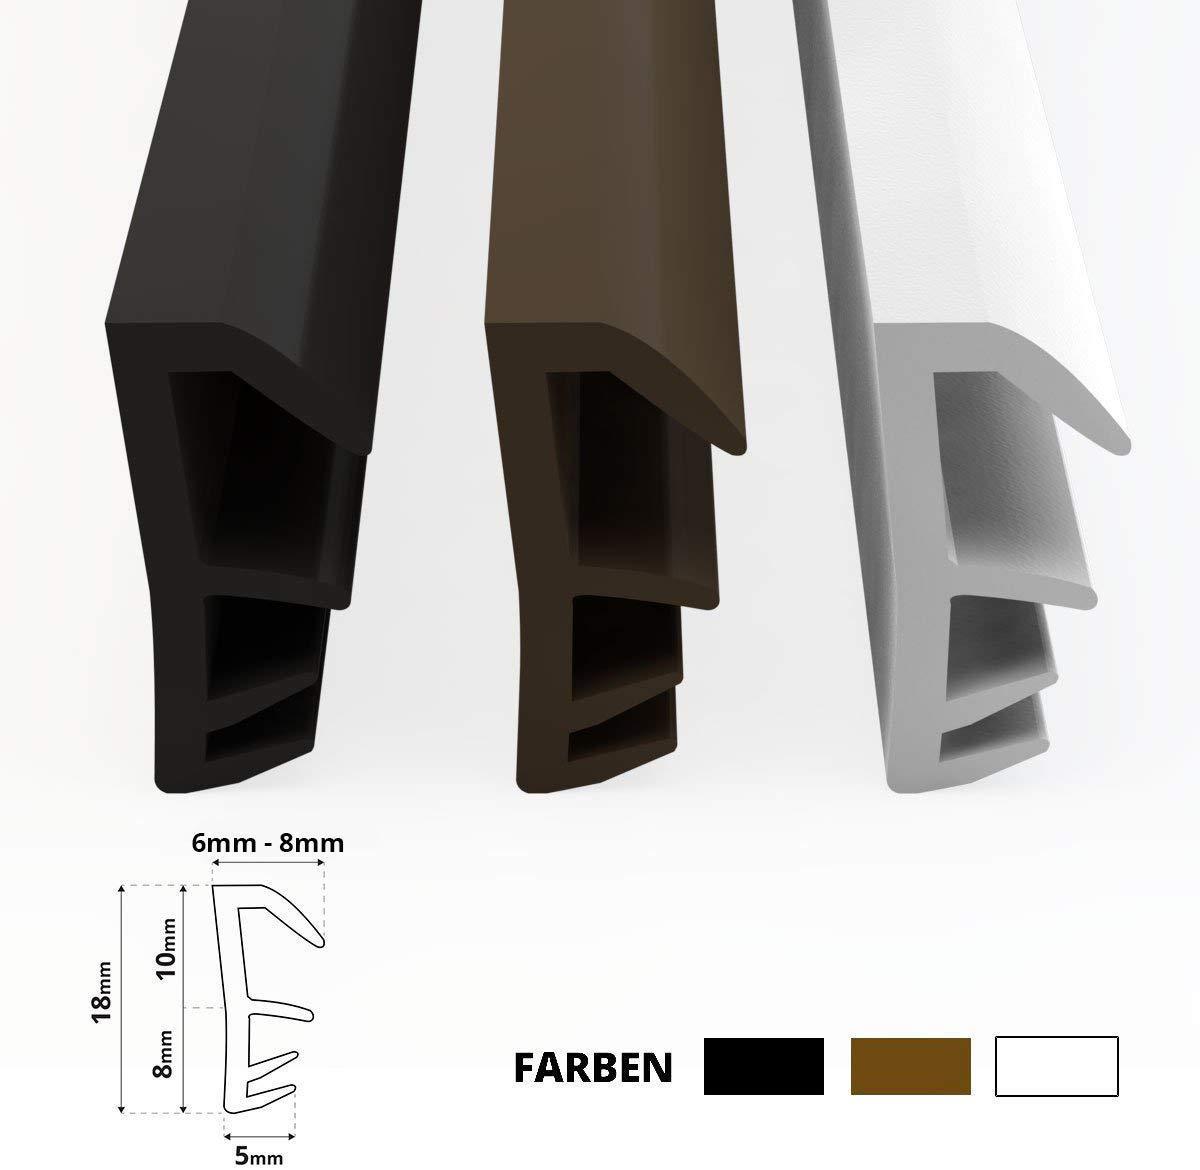 fenster dichtung tauschen allgemein fragen antworten bauen und wohnen in der schweiz. Black Bedroom Furniture Sets. Home Design Ideas